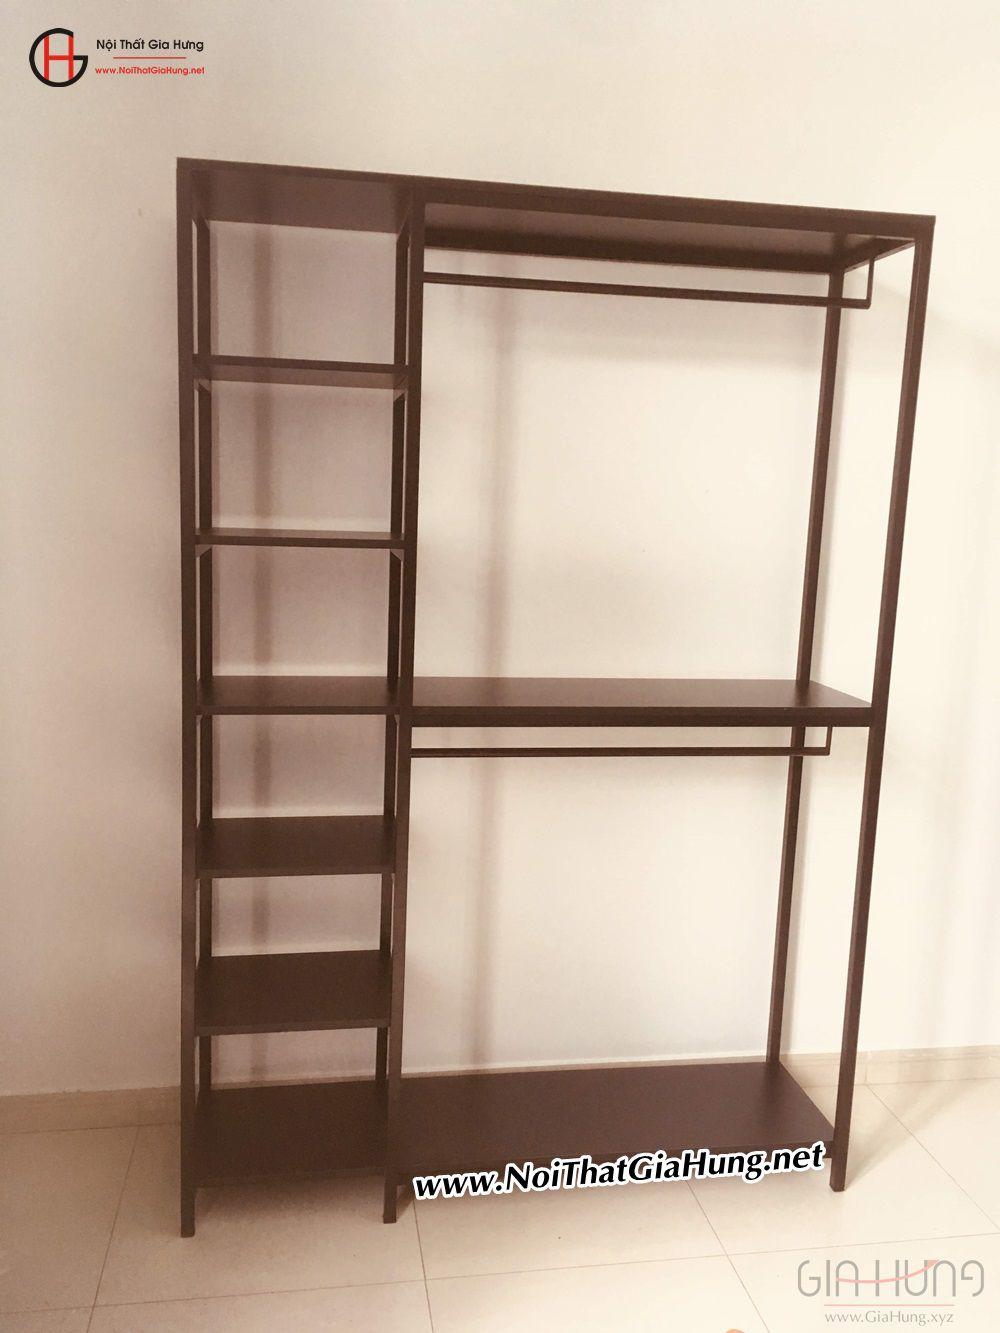 Kệ treo quần áo khung chân sắt mặt gỗ màu đen GHZ-834 giao tại Thanh Đa, Bình Thạnh